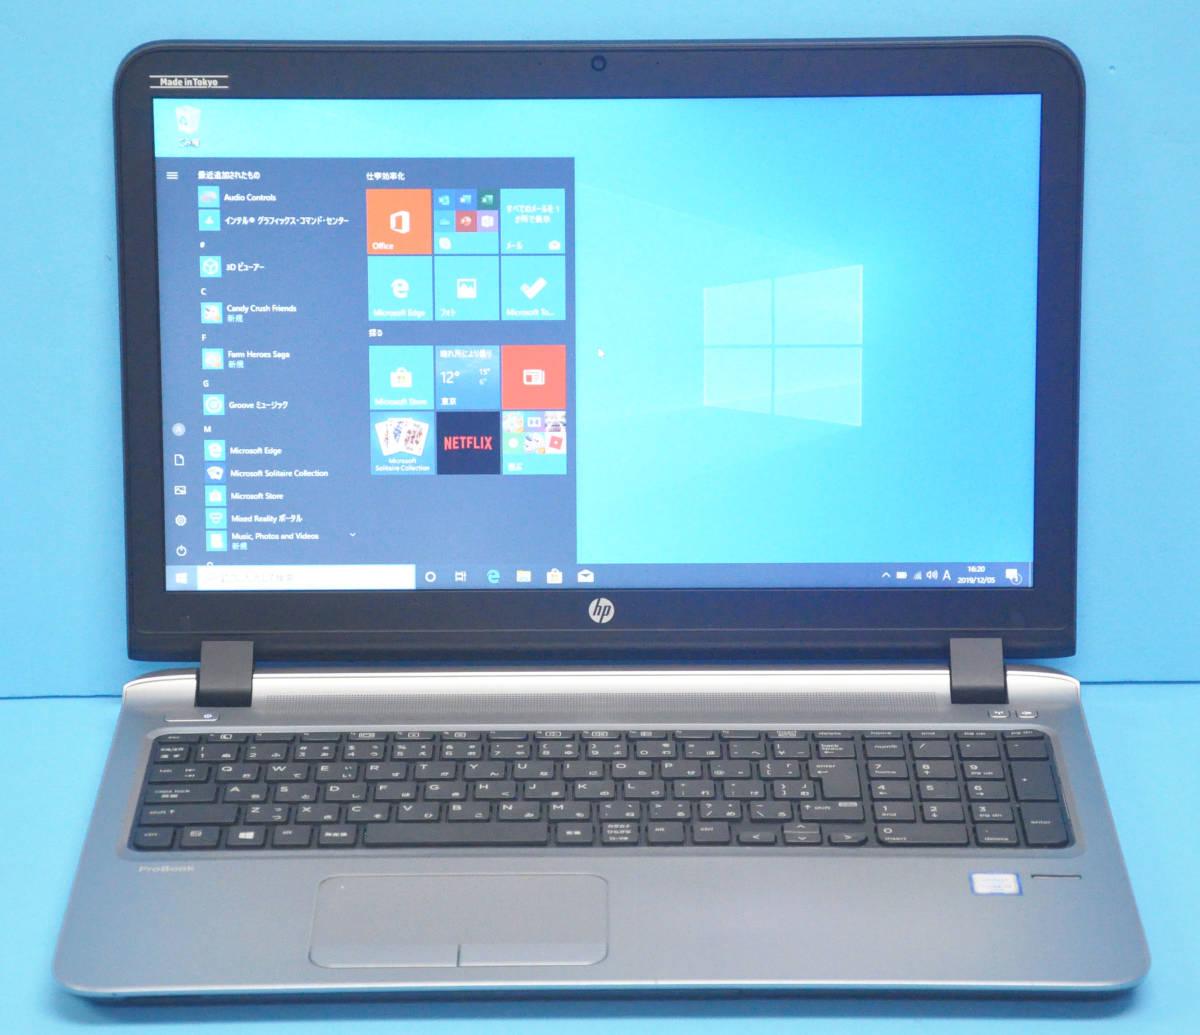 ♪ 良品 上位モデル ProBook 450 G3 ♪ 高速SSD !! 大画面15.6 Core i5 6200U / メモリ8GB / 新SSD 256GB / カメラ / Office2019 / Win10_画像5